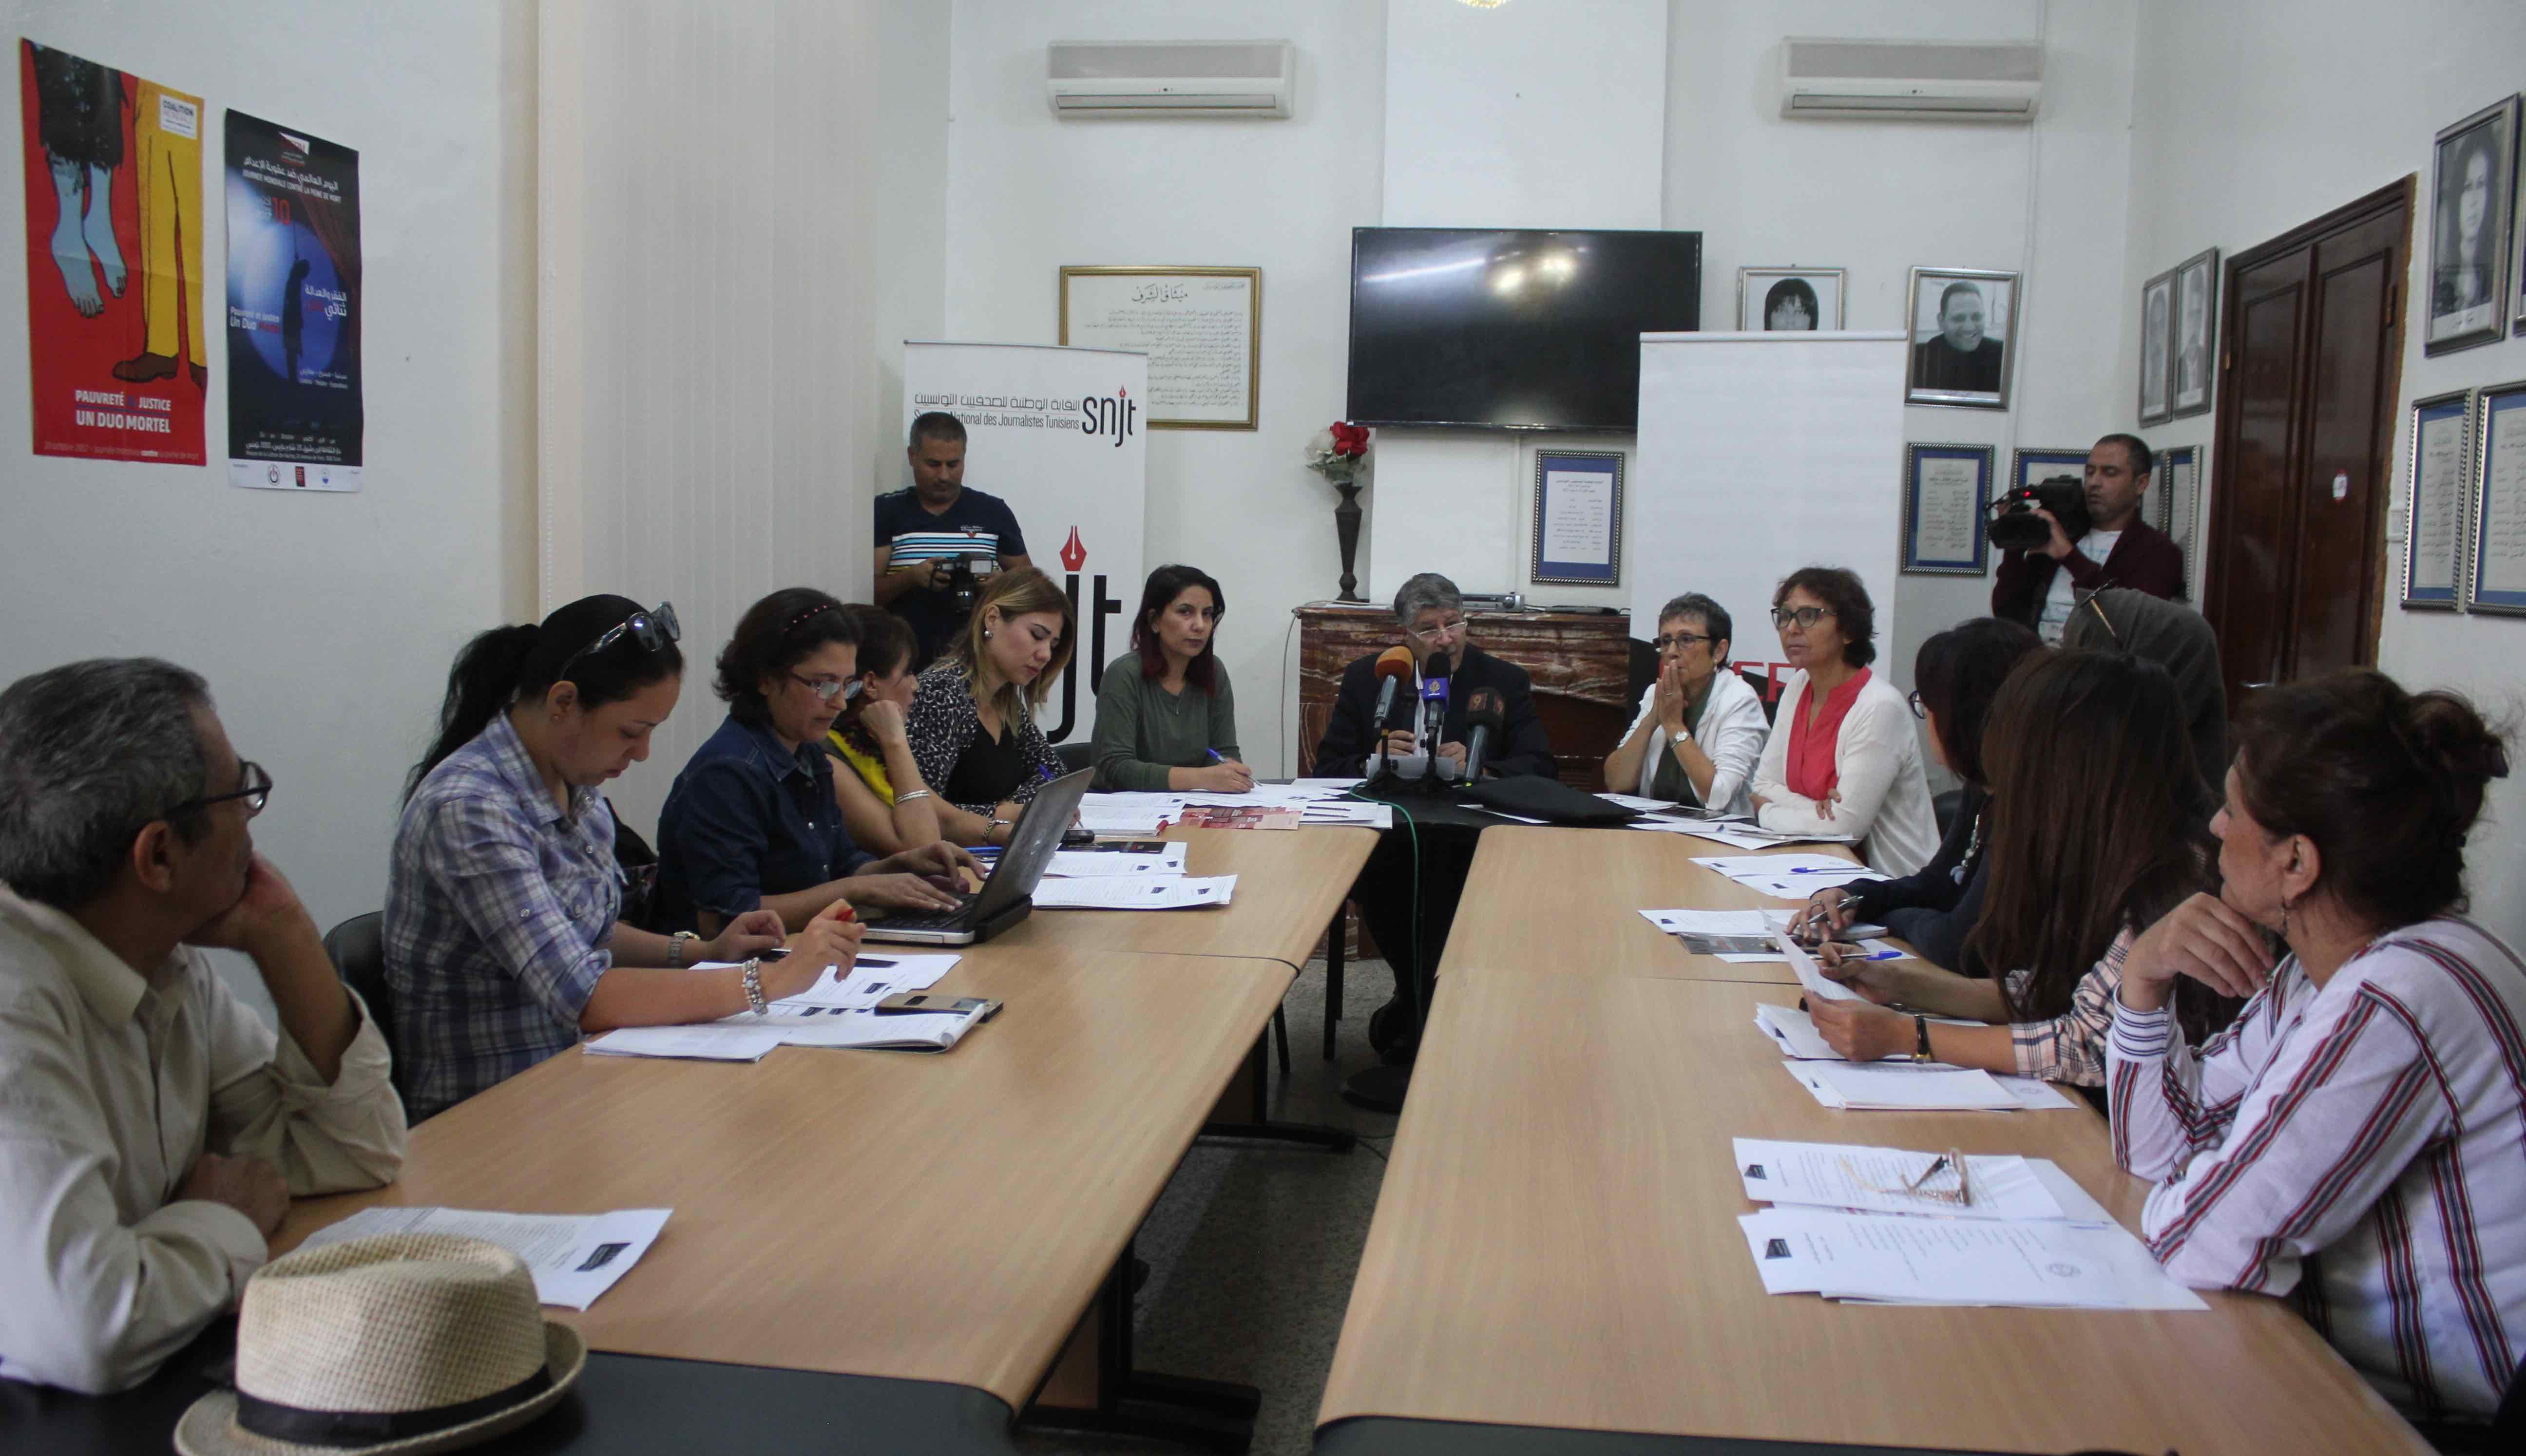 دعما للحق في الحياة: نقابة الصحفيين والمجتمع المدني يشدّدون على ضروروة الغاء عقوبة الاعدام